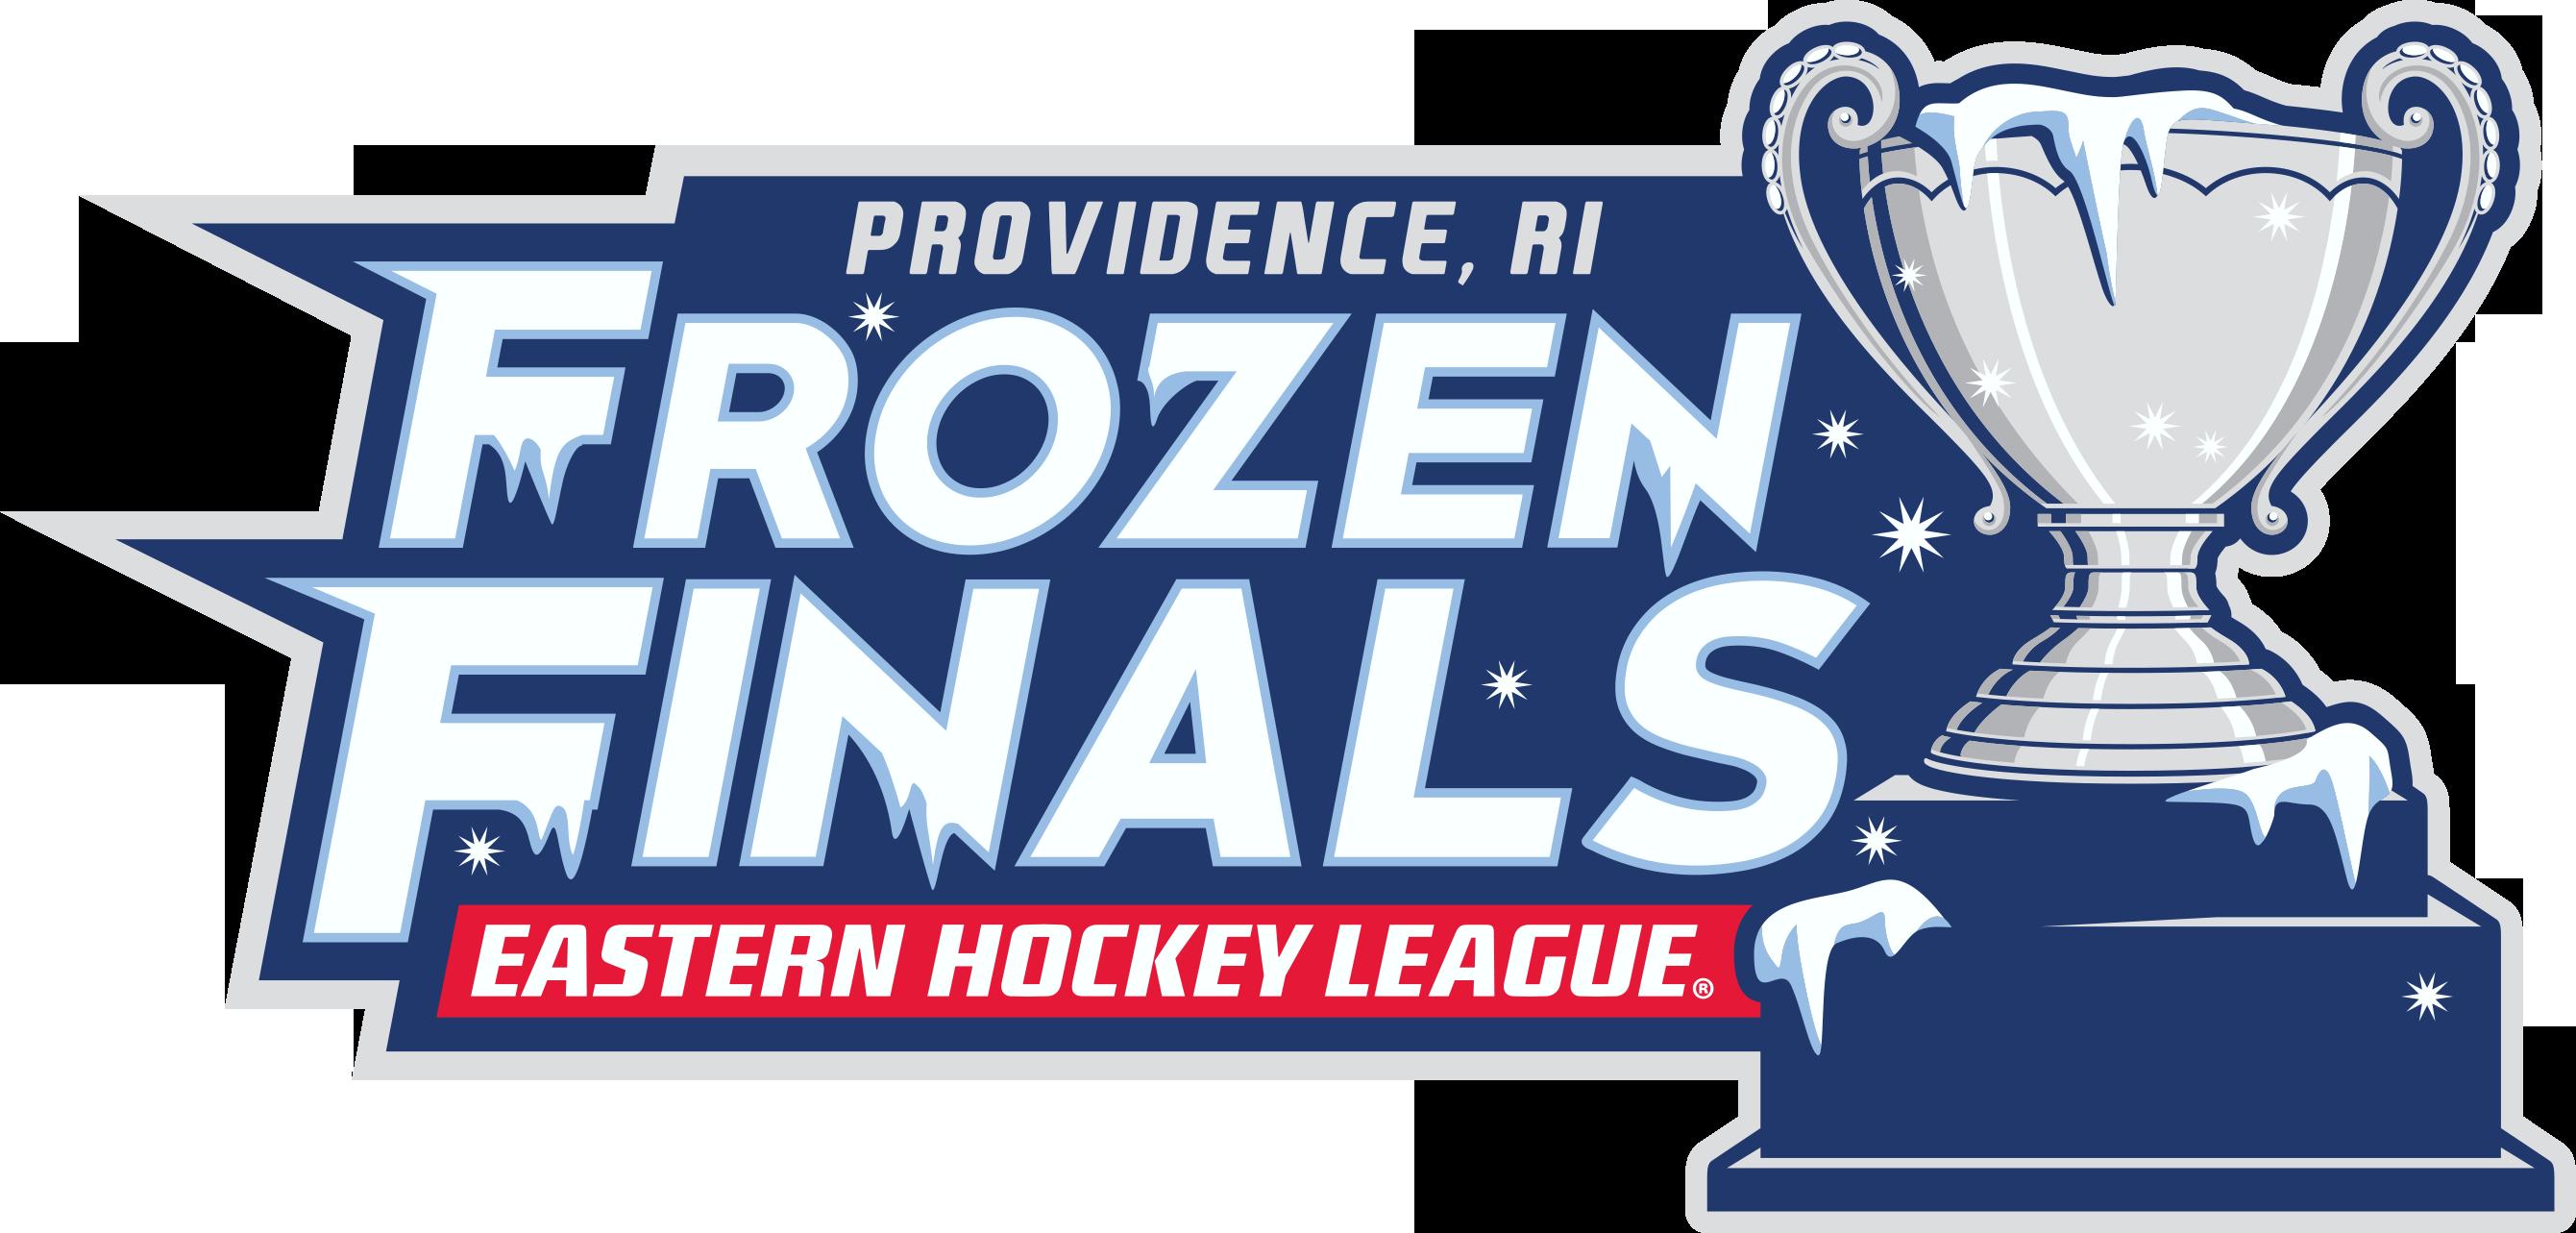 Frozen Finals